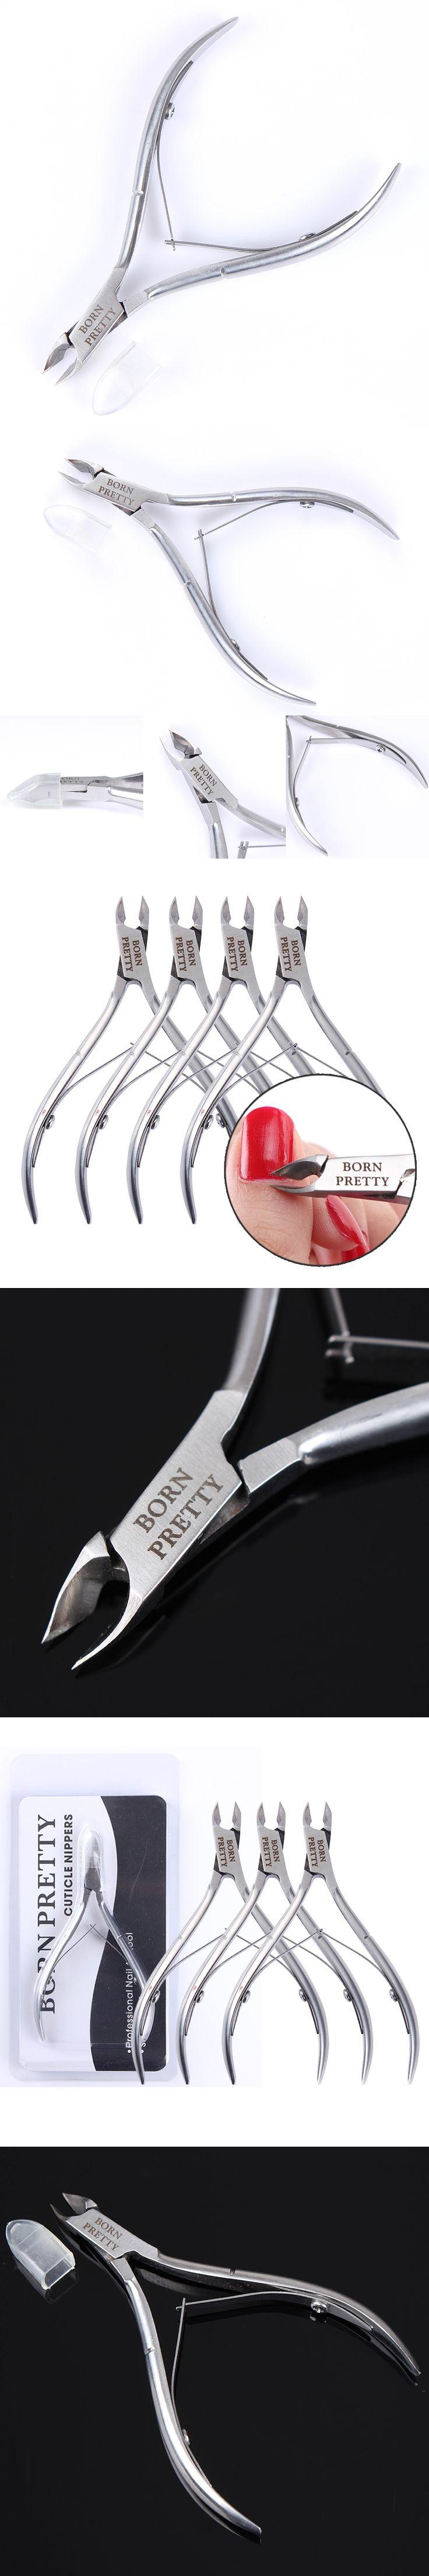 1Pc BORN PRETTY Silver Nail Cuticle Nipper Clipper Scissor Plier Dead Skin Remover Nail Treatment Manicure Nail Art Tools